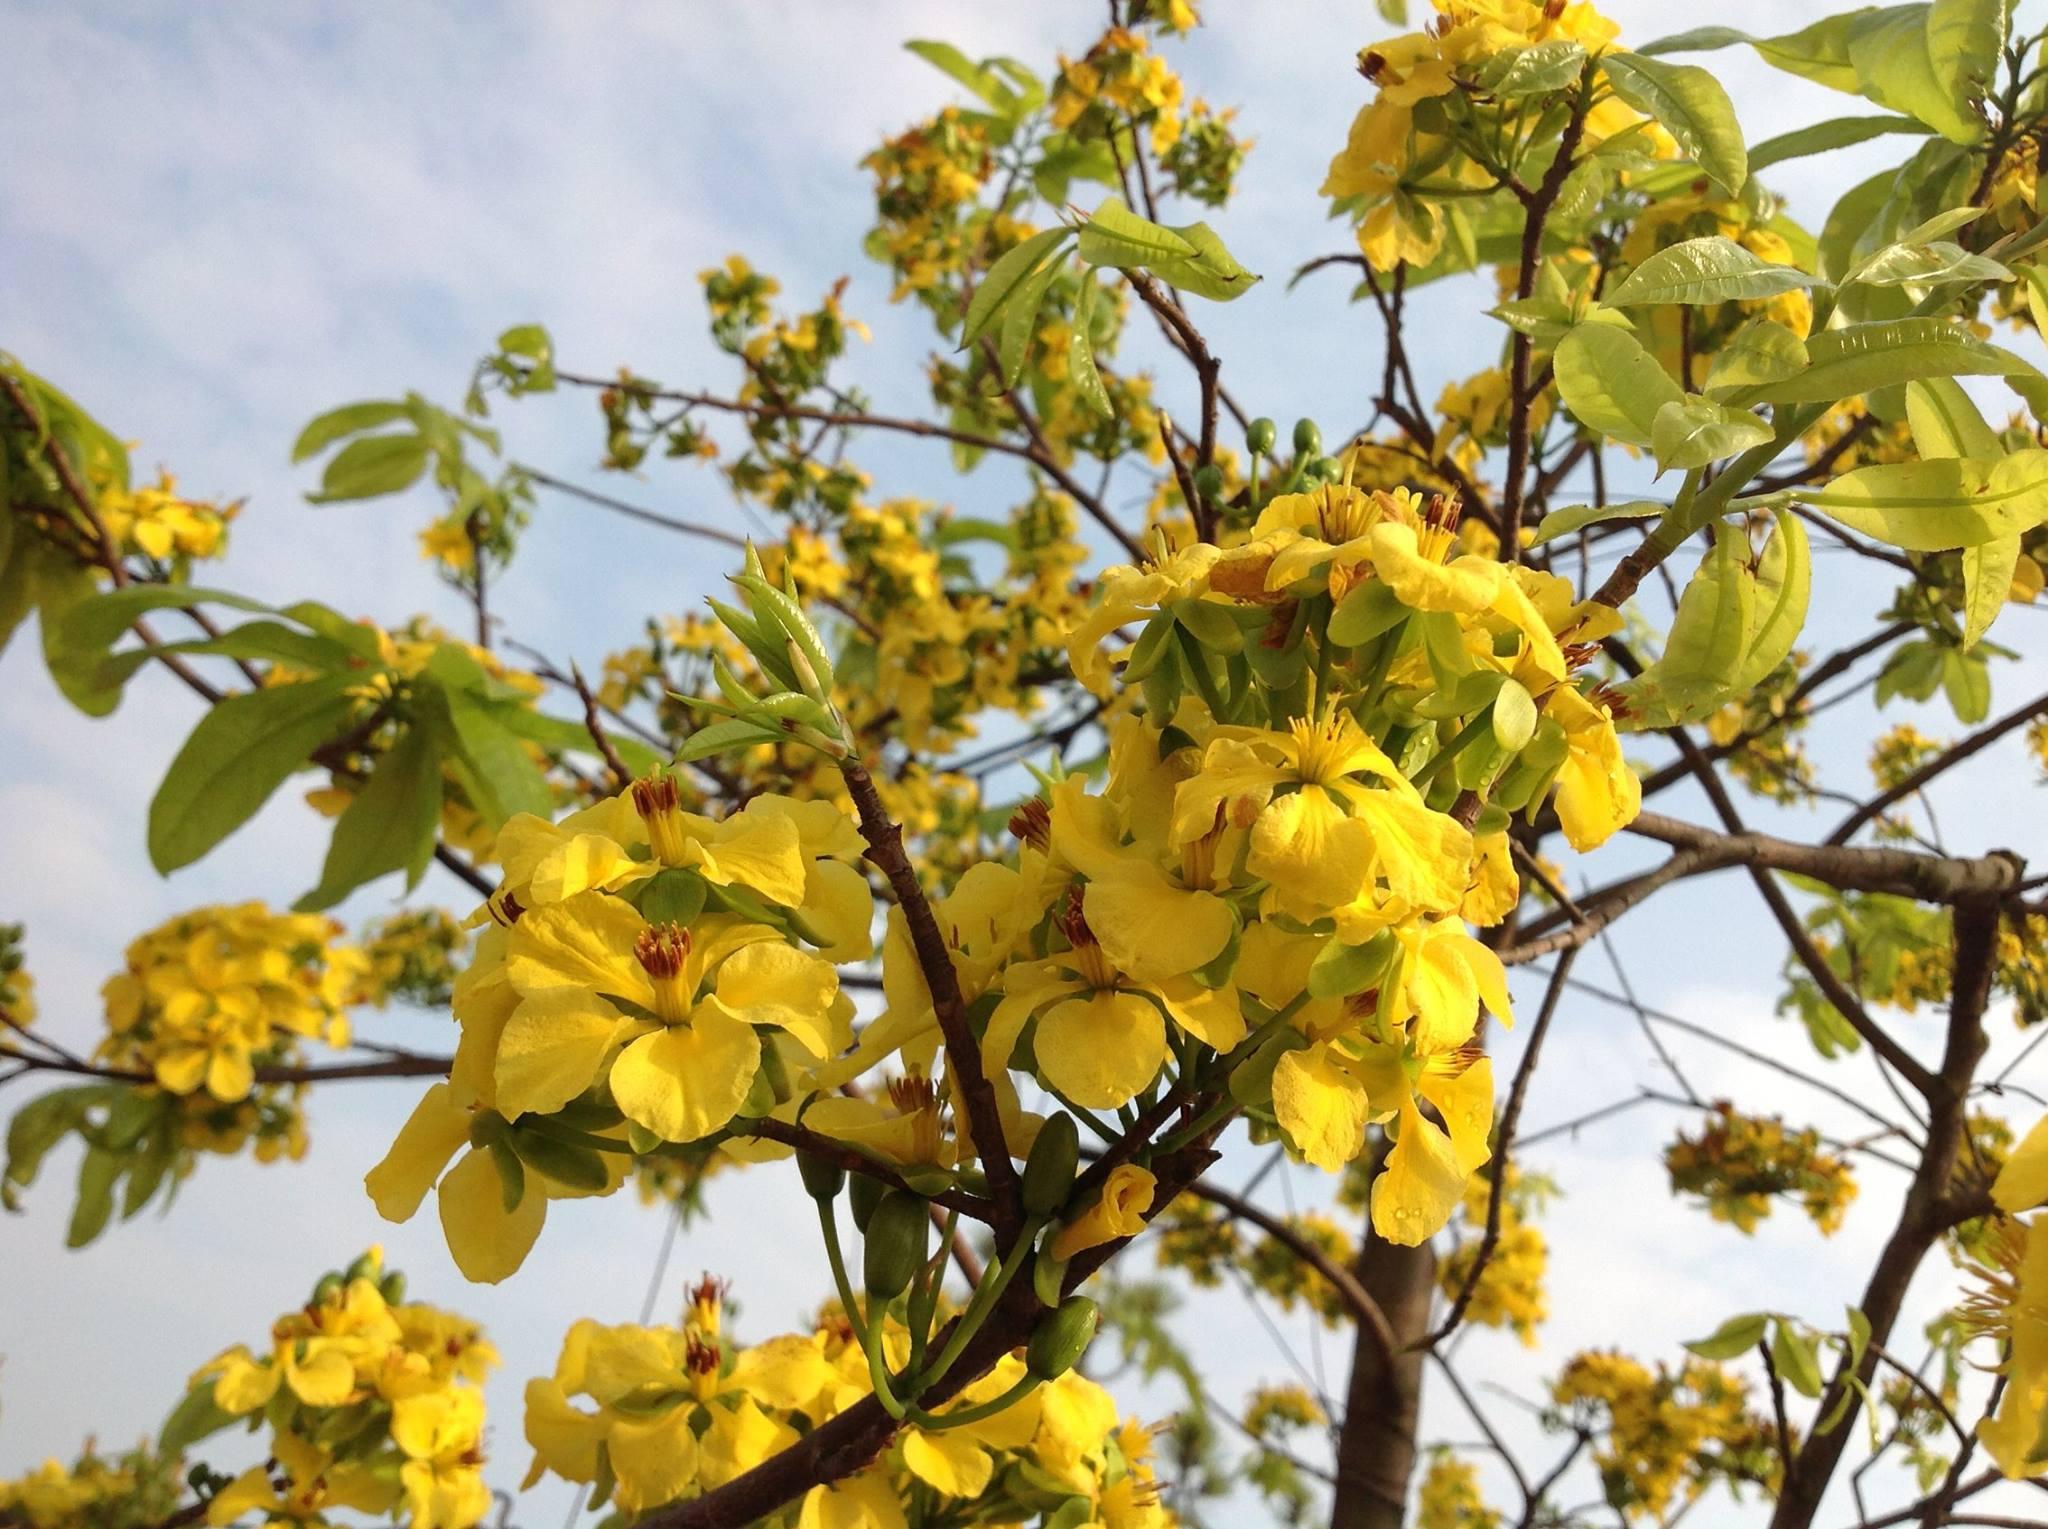 Hình ảnh cây hoa mai vàng nở rổ ất đẹp